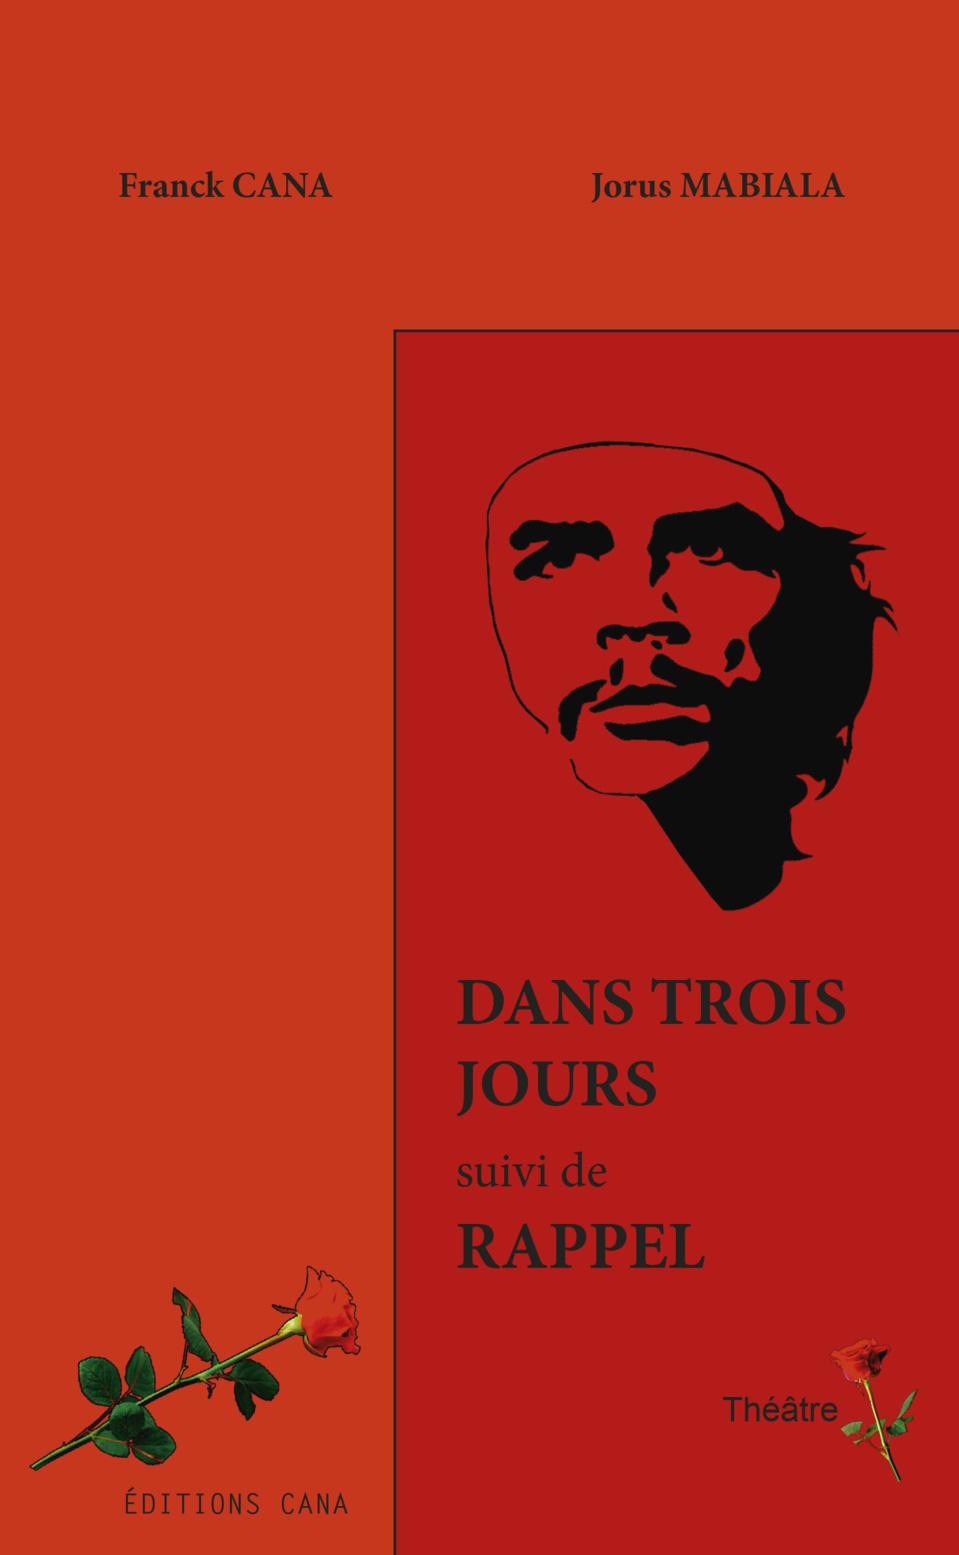 THÉÂTRE : L'ouvrage  « Dans trois jours », de Franck Cana  et Jorus Mabiala, vient de paraître